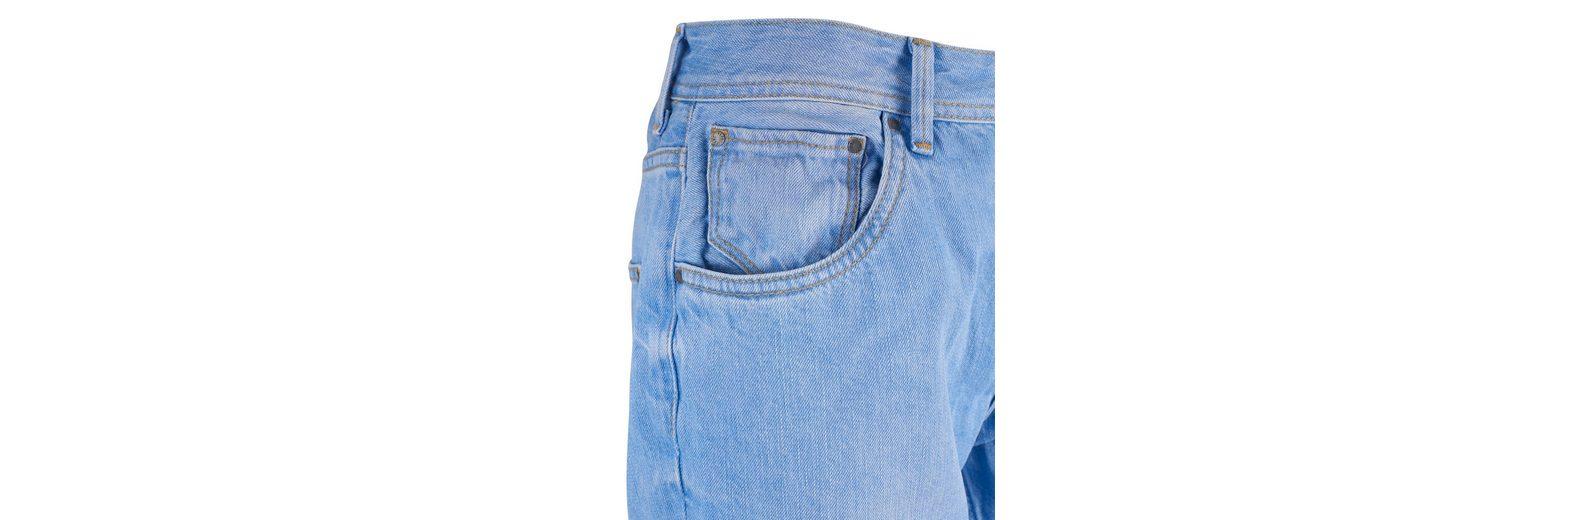 Pepe Jeans Jeans VAGABOND Erhalten Authentisch Rabatt Zahlung Mit Visa 7cs3hzQ